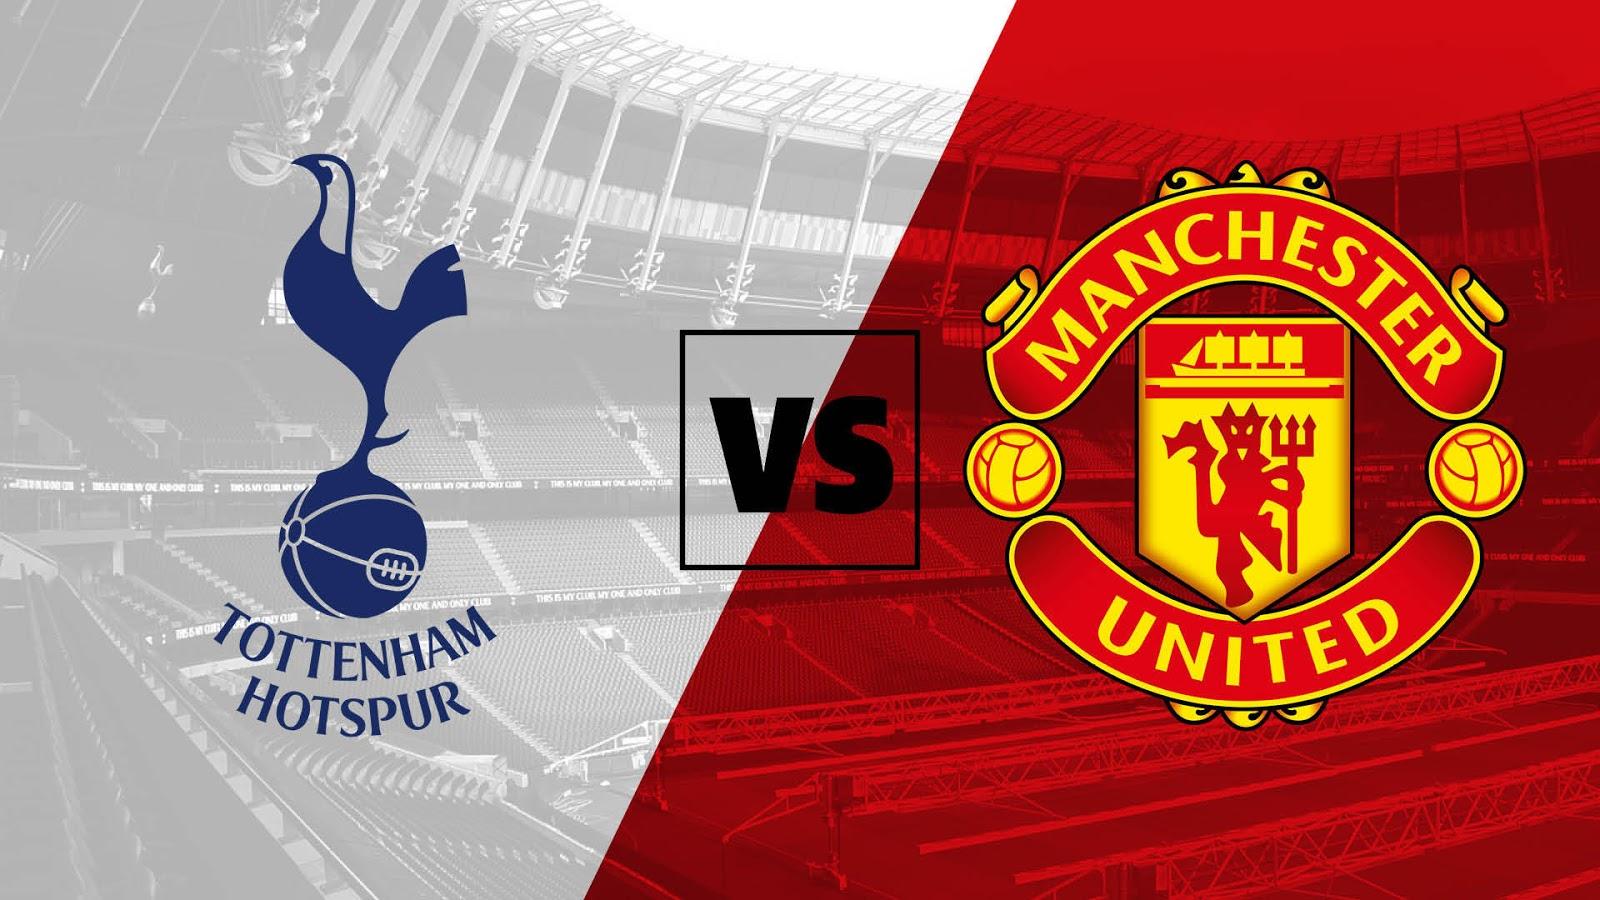 مشاهدة مباراة مانشستر يونايتد ضد توتنهام 11-04-2021 بث مباشر في الدوري الانجليزي